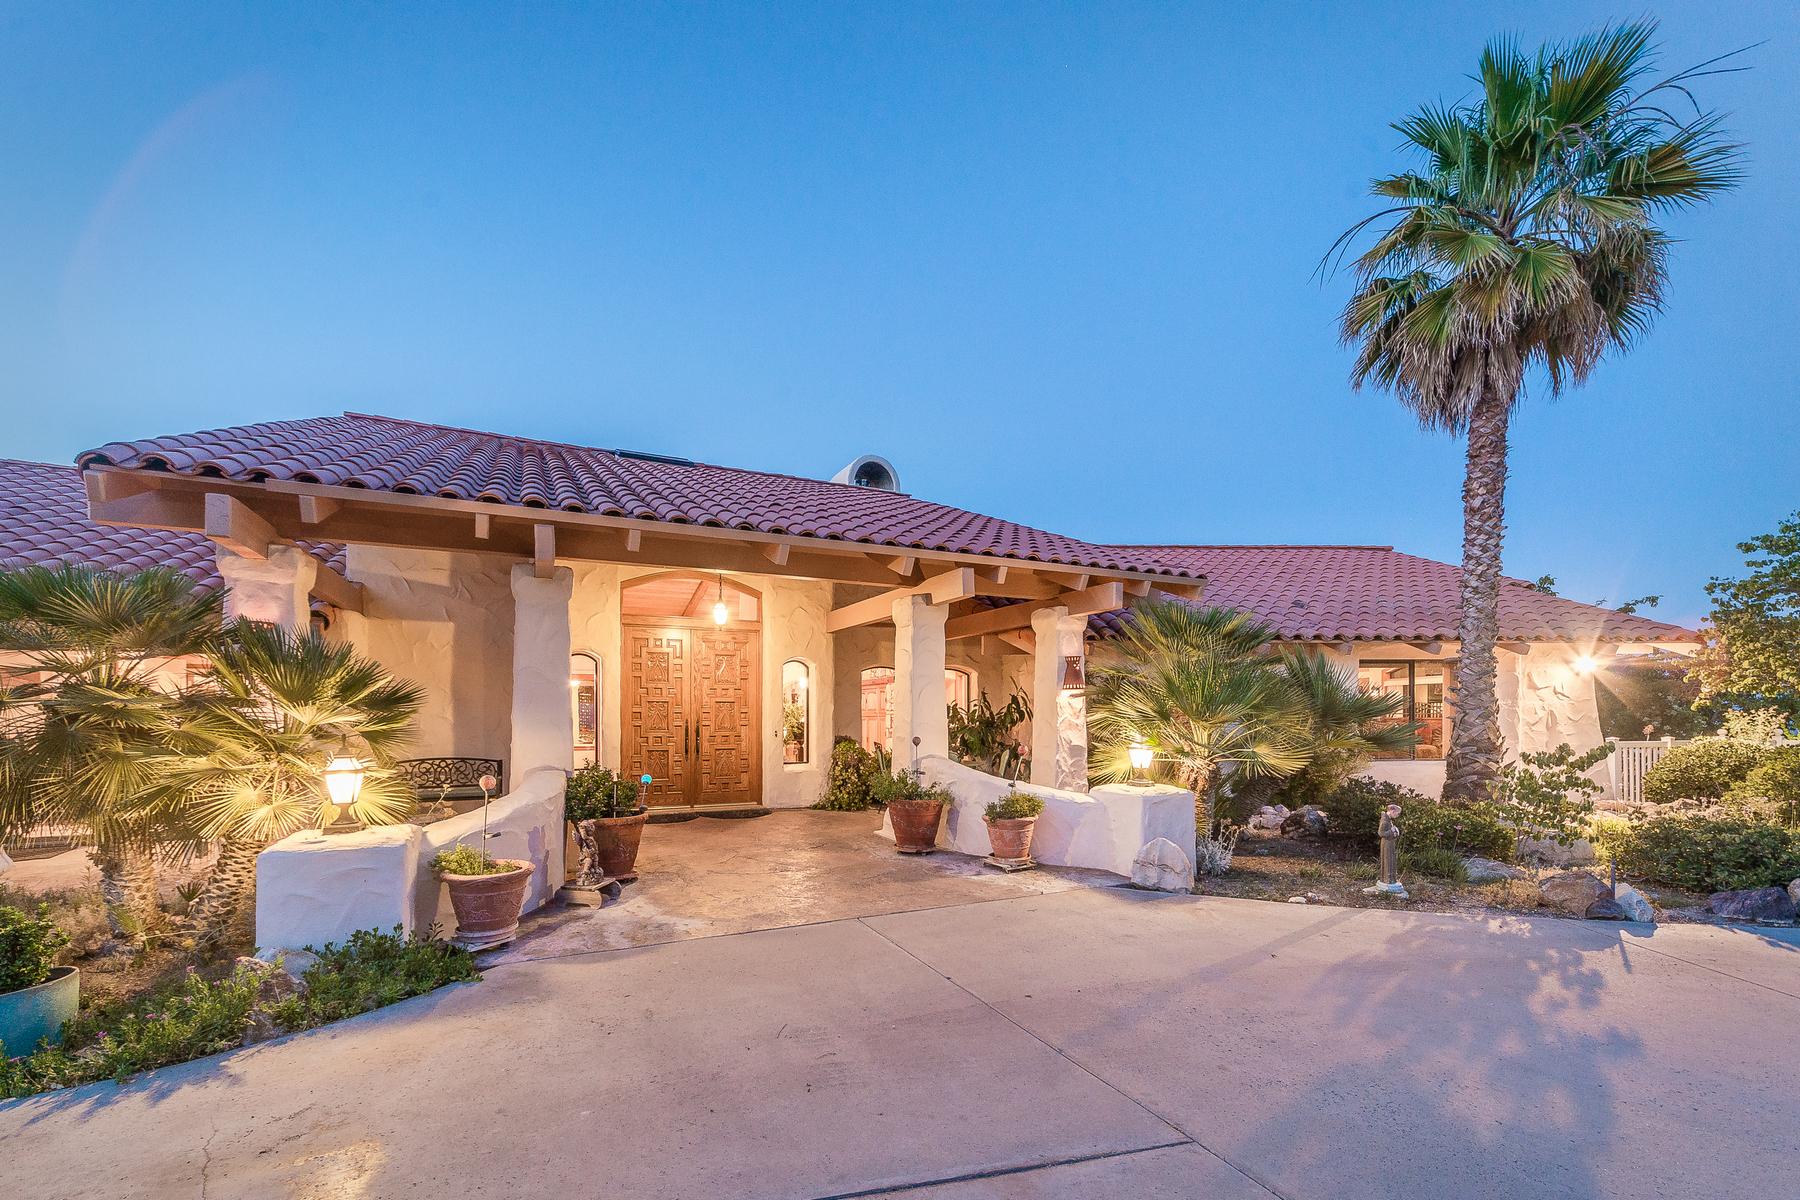 Частный односемейный дом для того Продажа на Positively Stunning West Side Estate 4515 Stags Leap Way Paso Robles, Калифорния 93446 Соединенные Штаты